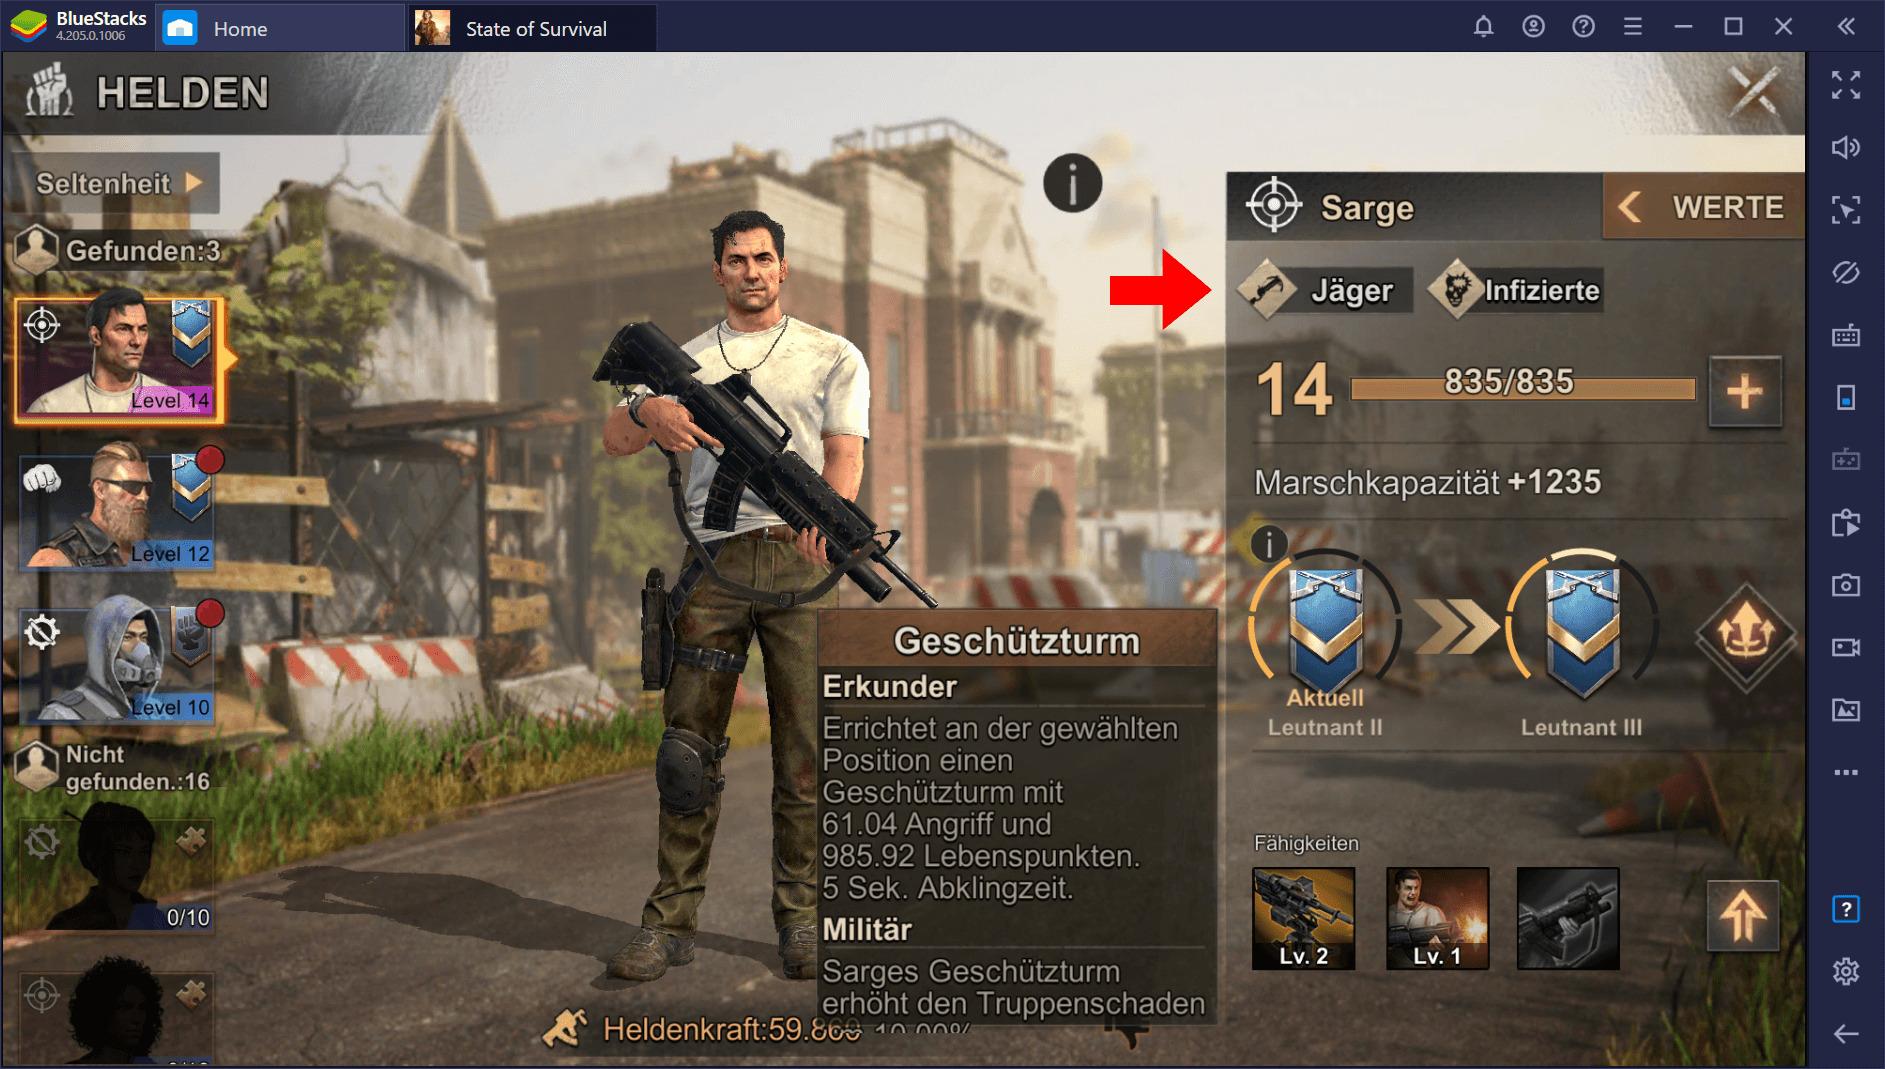 State of Survival auf dem PC: Guide zum Sieg auf dem Erkundungspfad